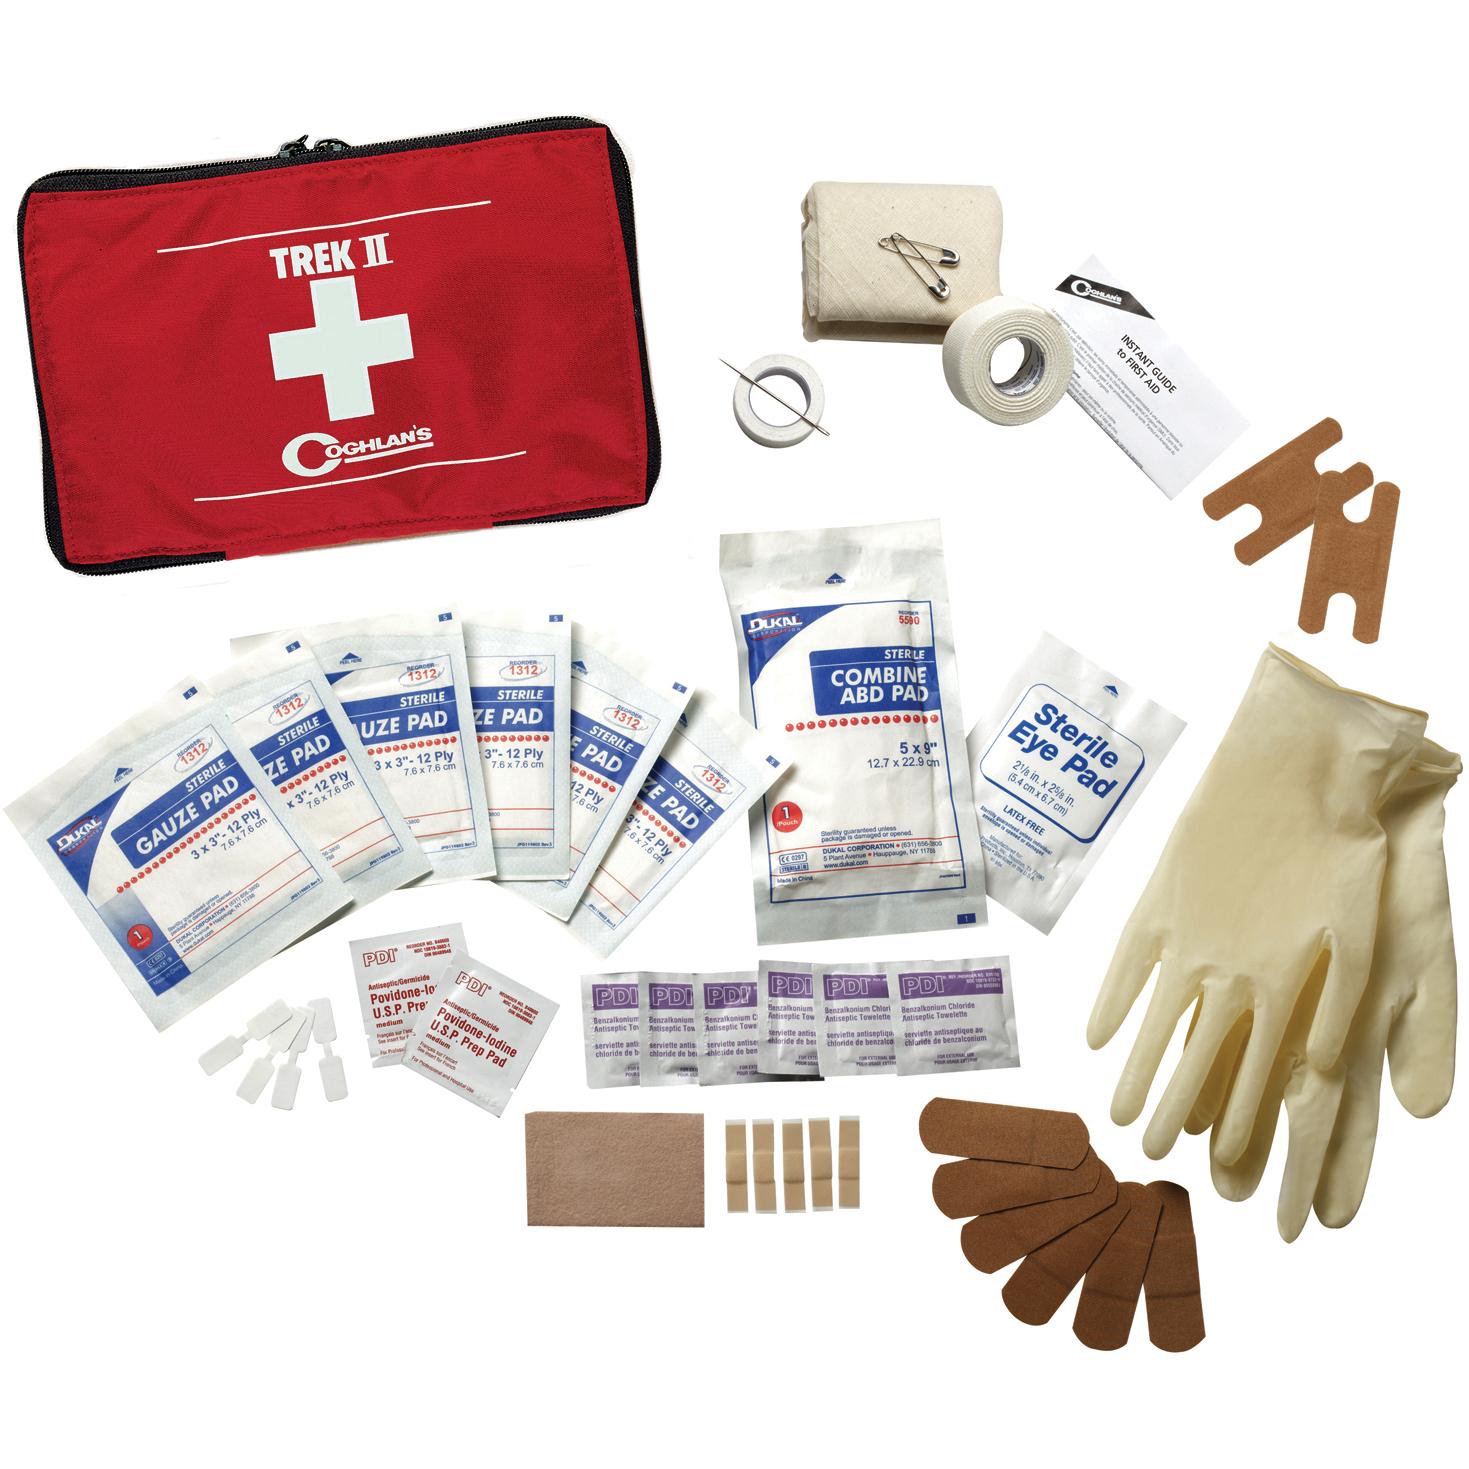 e4f9b59ae5a6 First aid kits